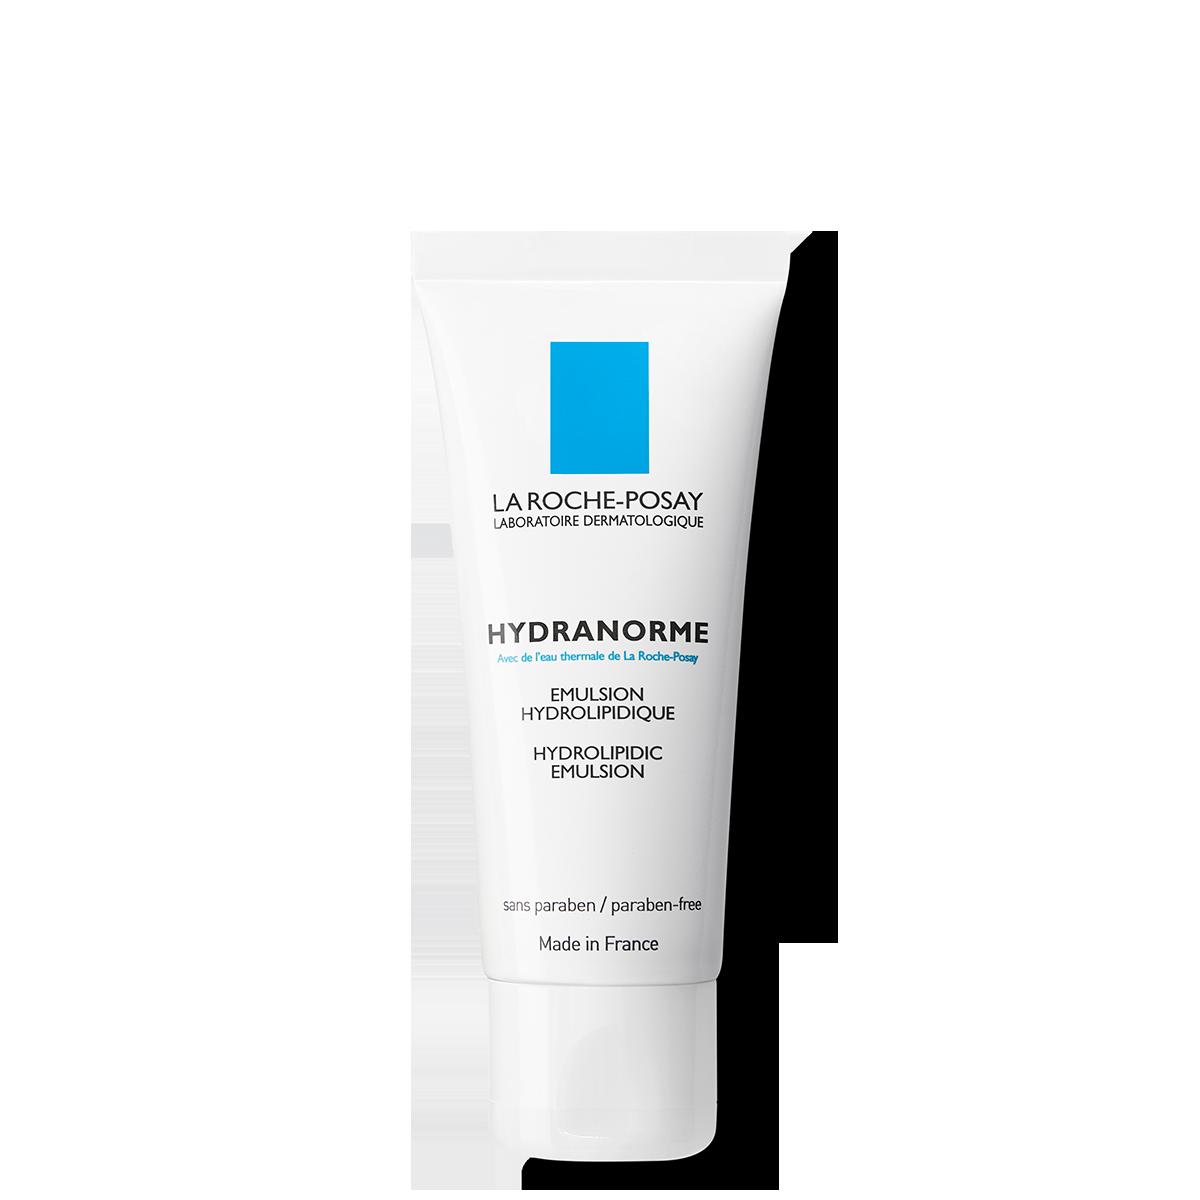 La Roche Posay Face Care Hydranorme Hydrolipidic Emulsion 40ml 3433422